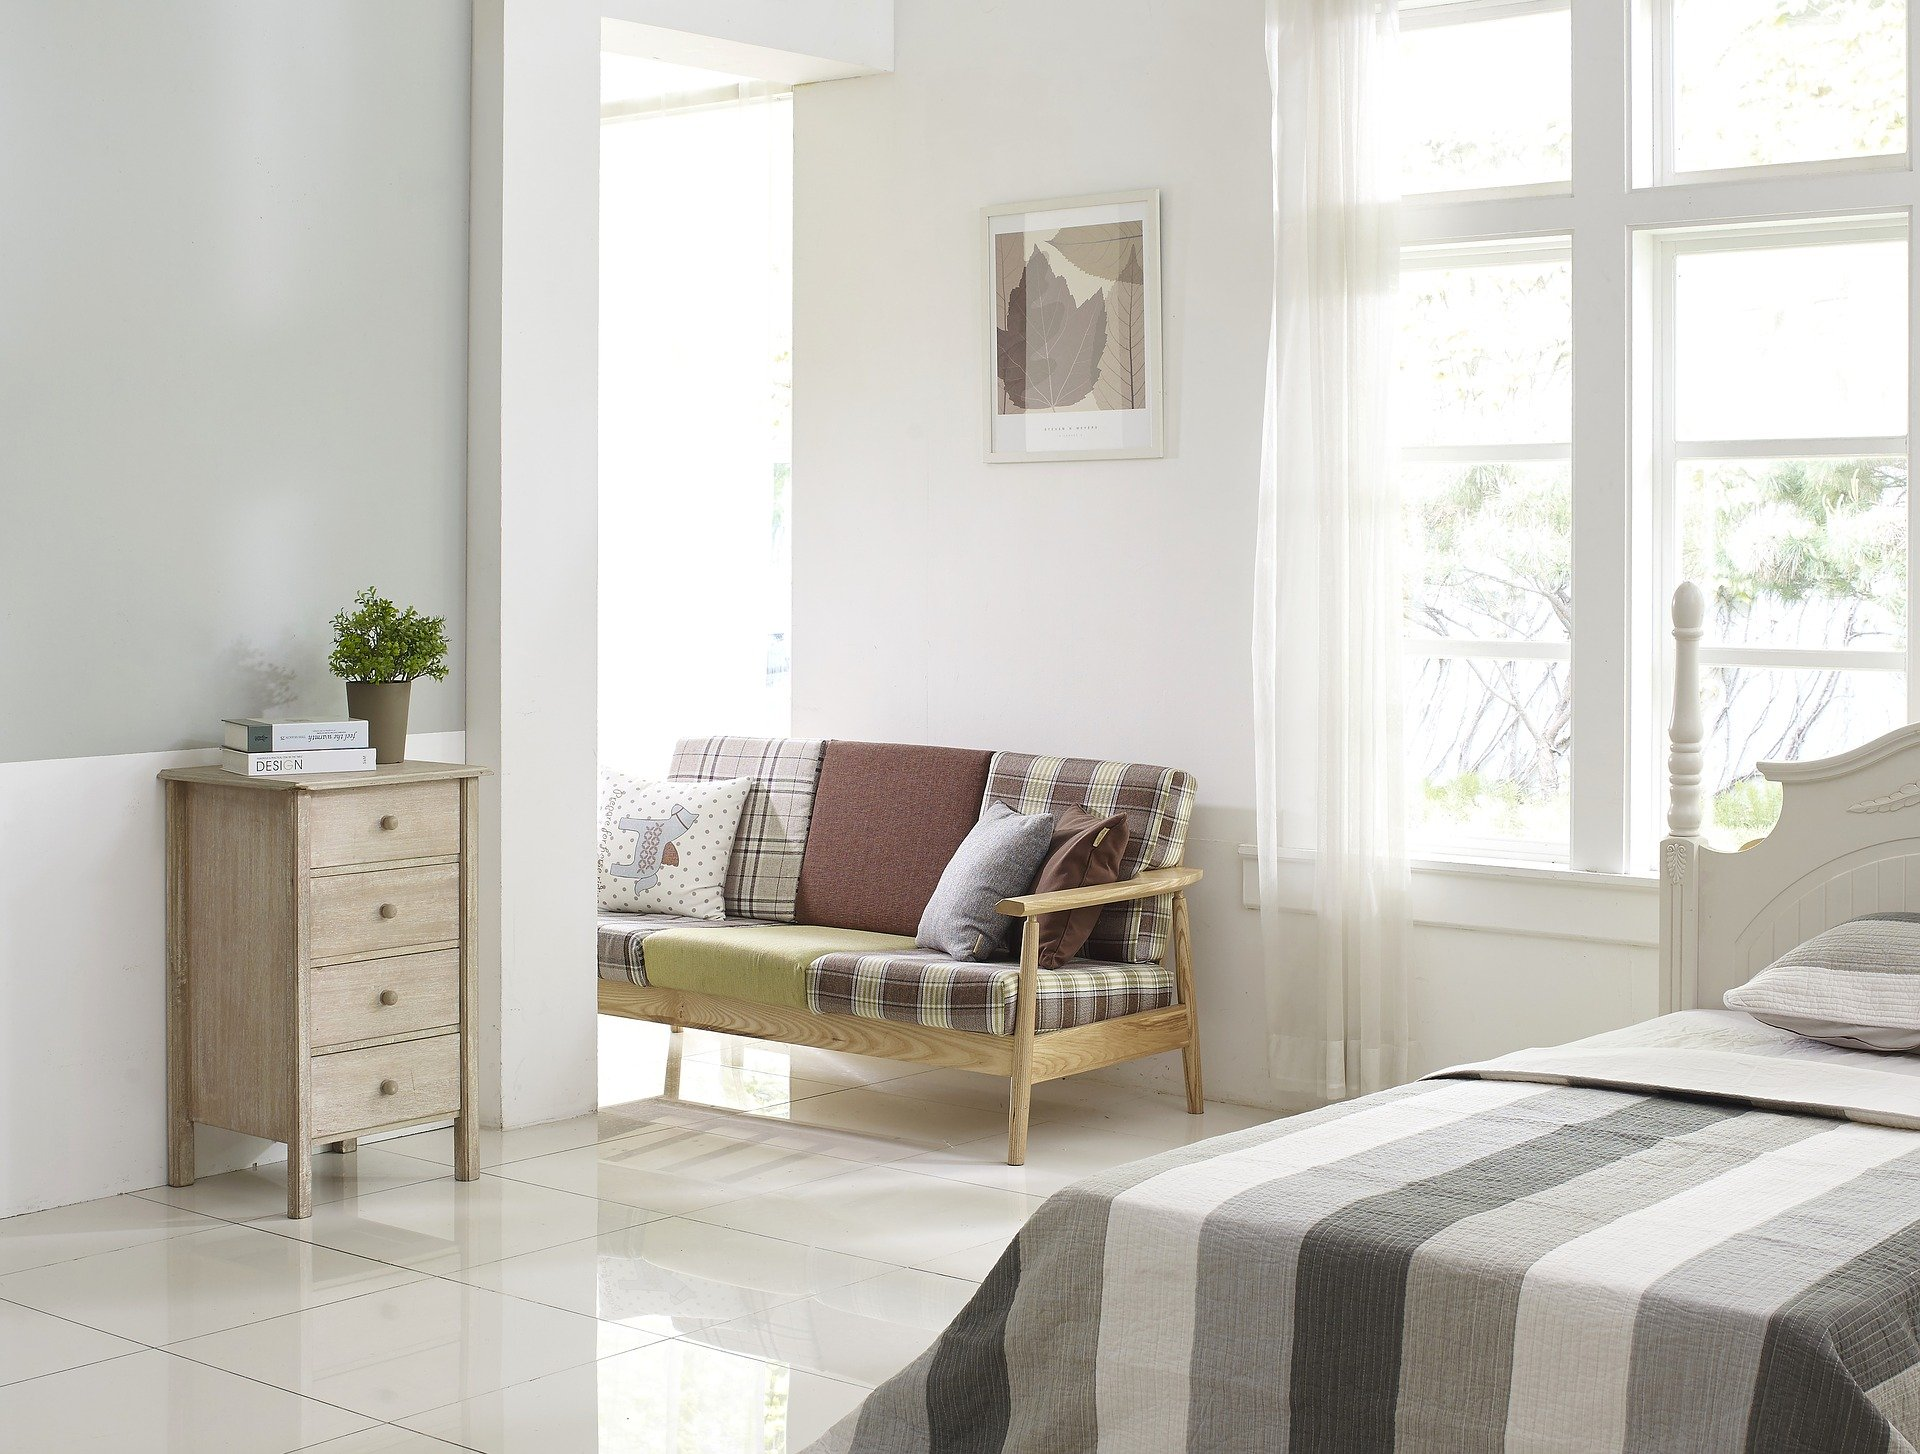 Comment aménager une chambre selon ses besoins ?